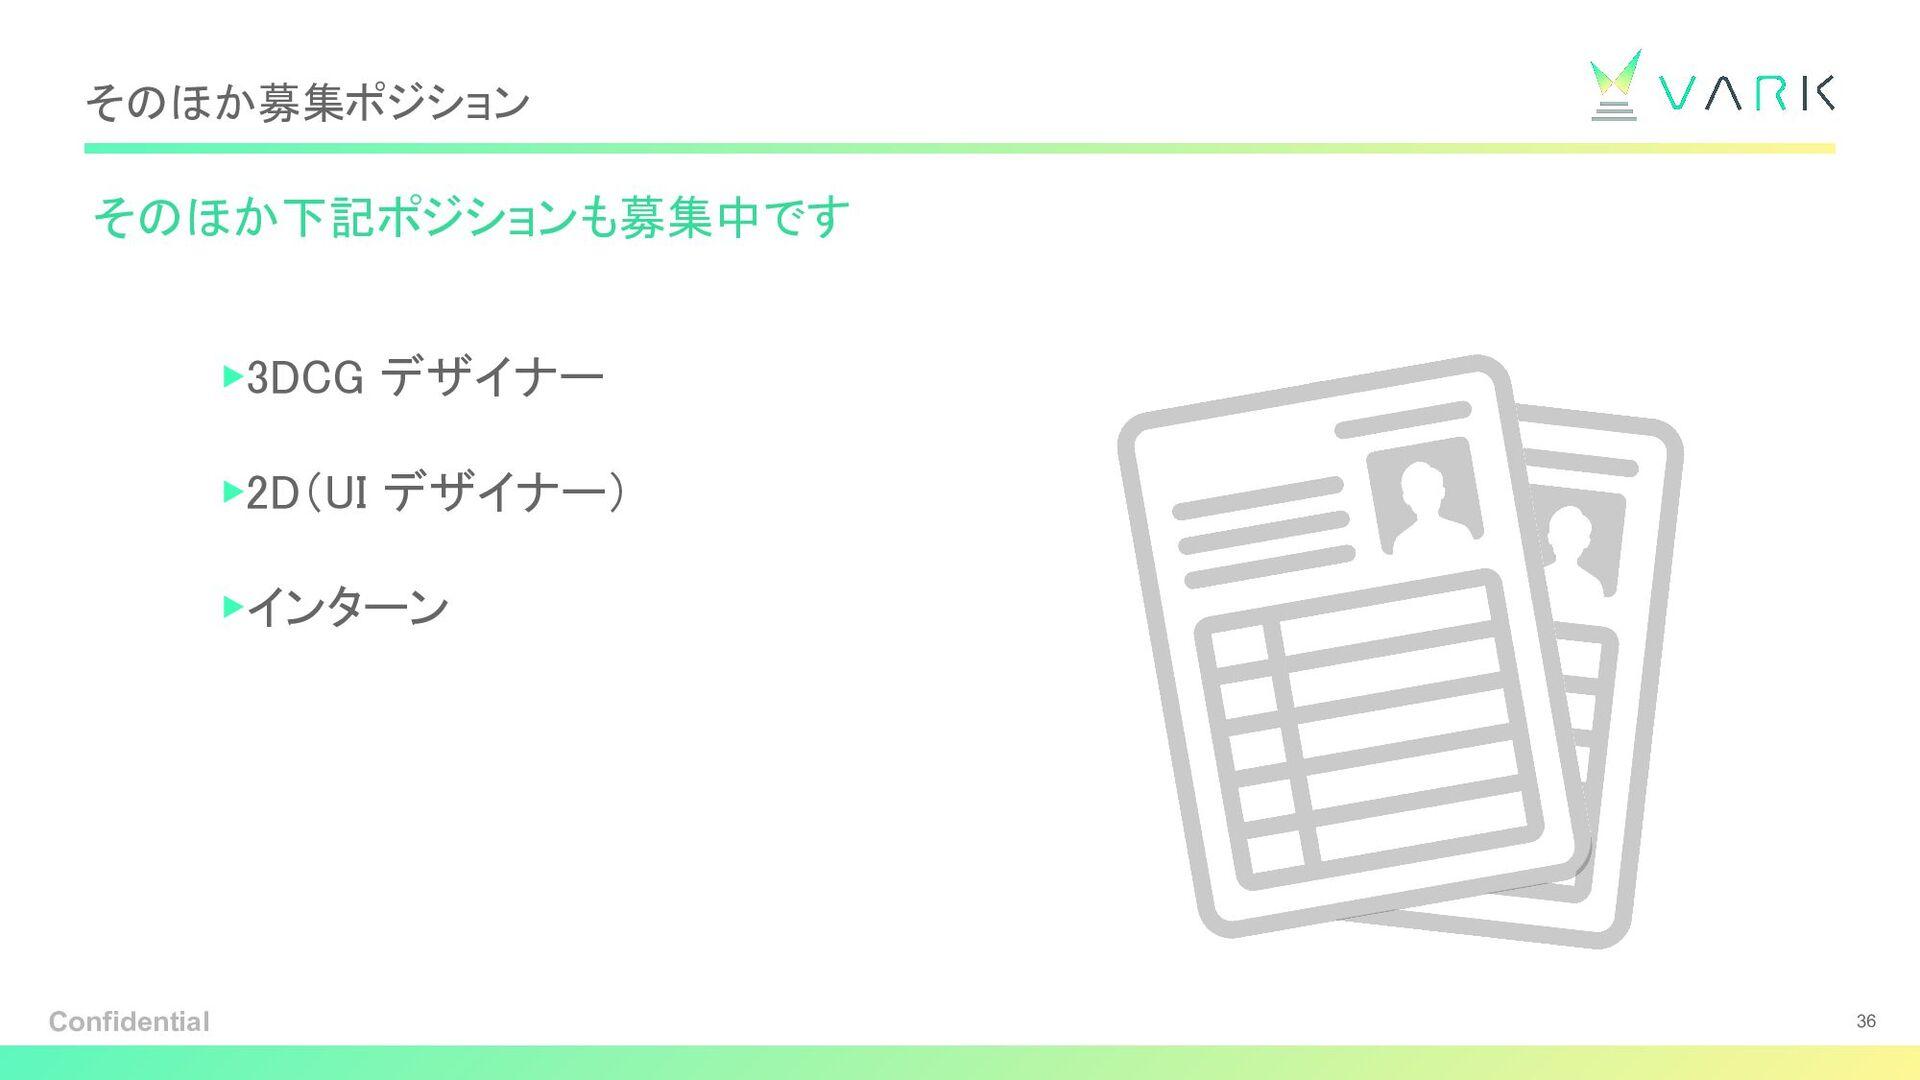 5. V A R K か ら の メ ッ セ ー ジ